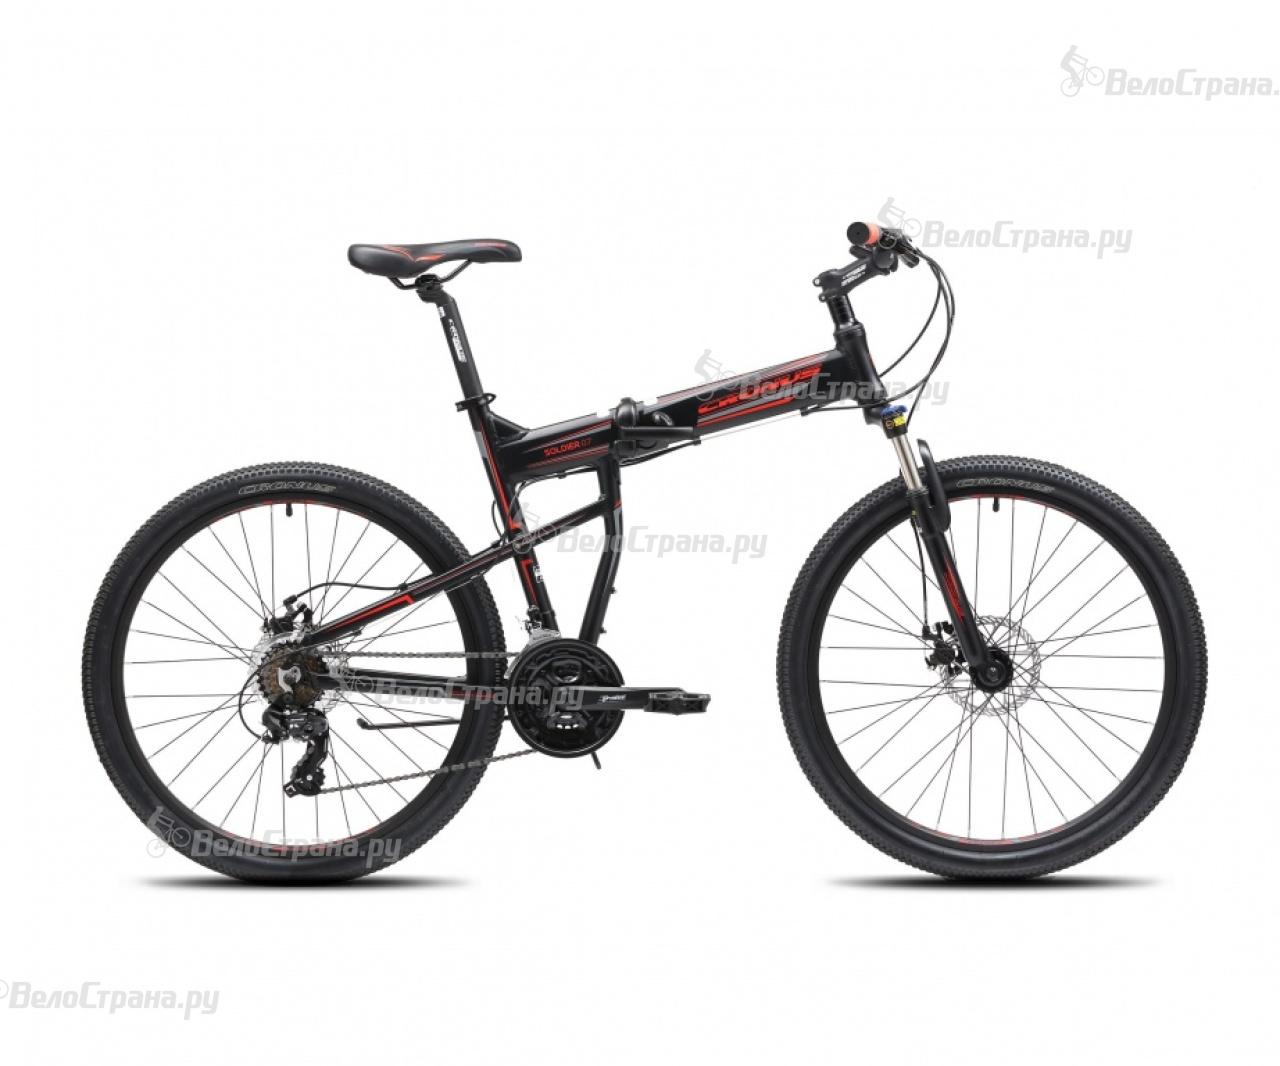 Велосипед Cronus Soldier 0.7 (2017) велосипед cronus alice 16 2017